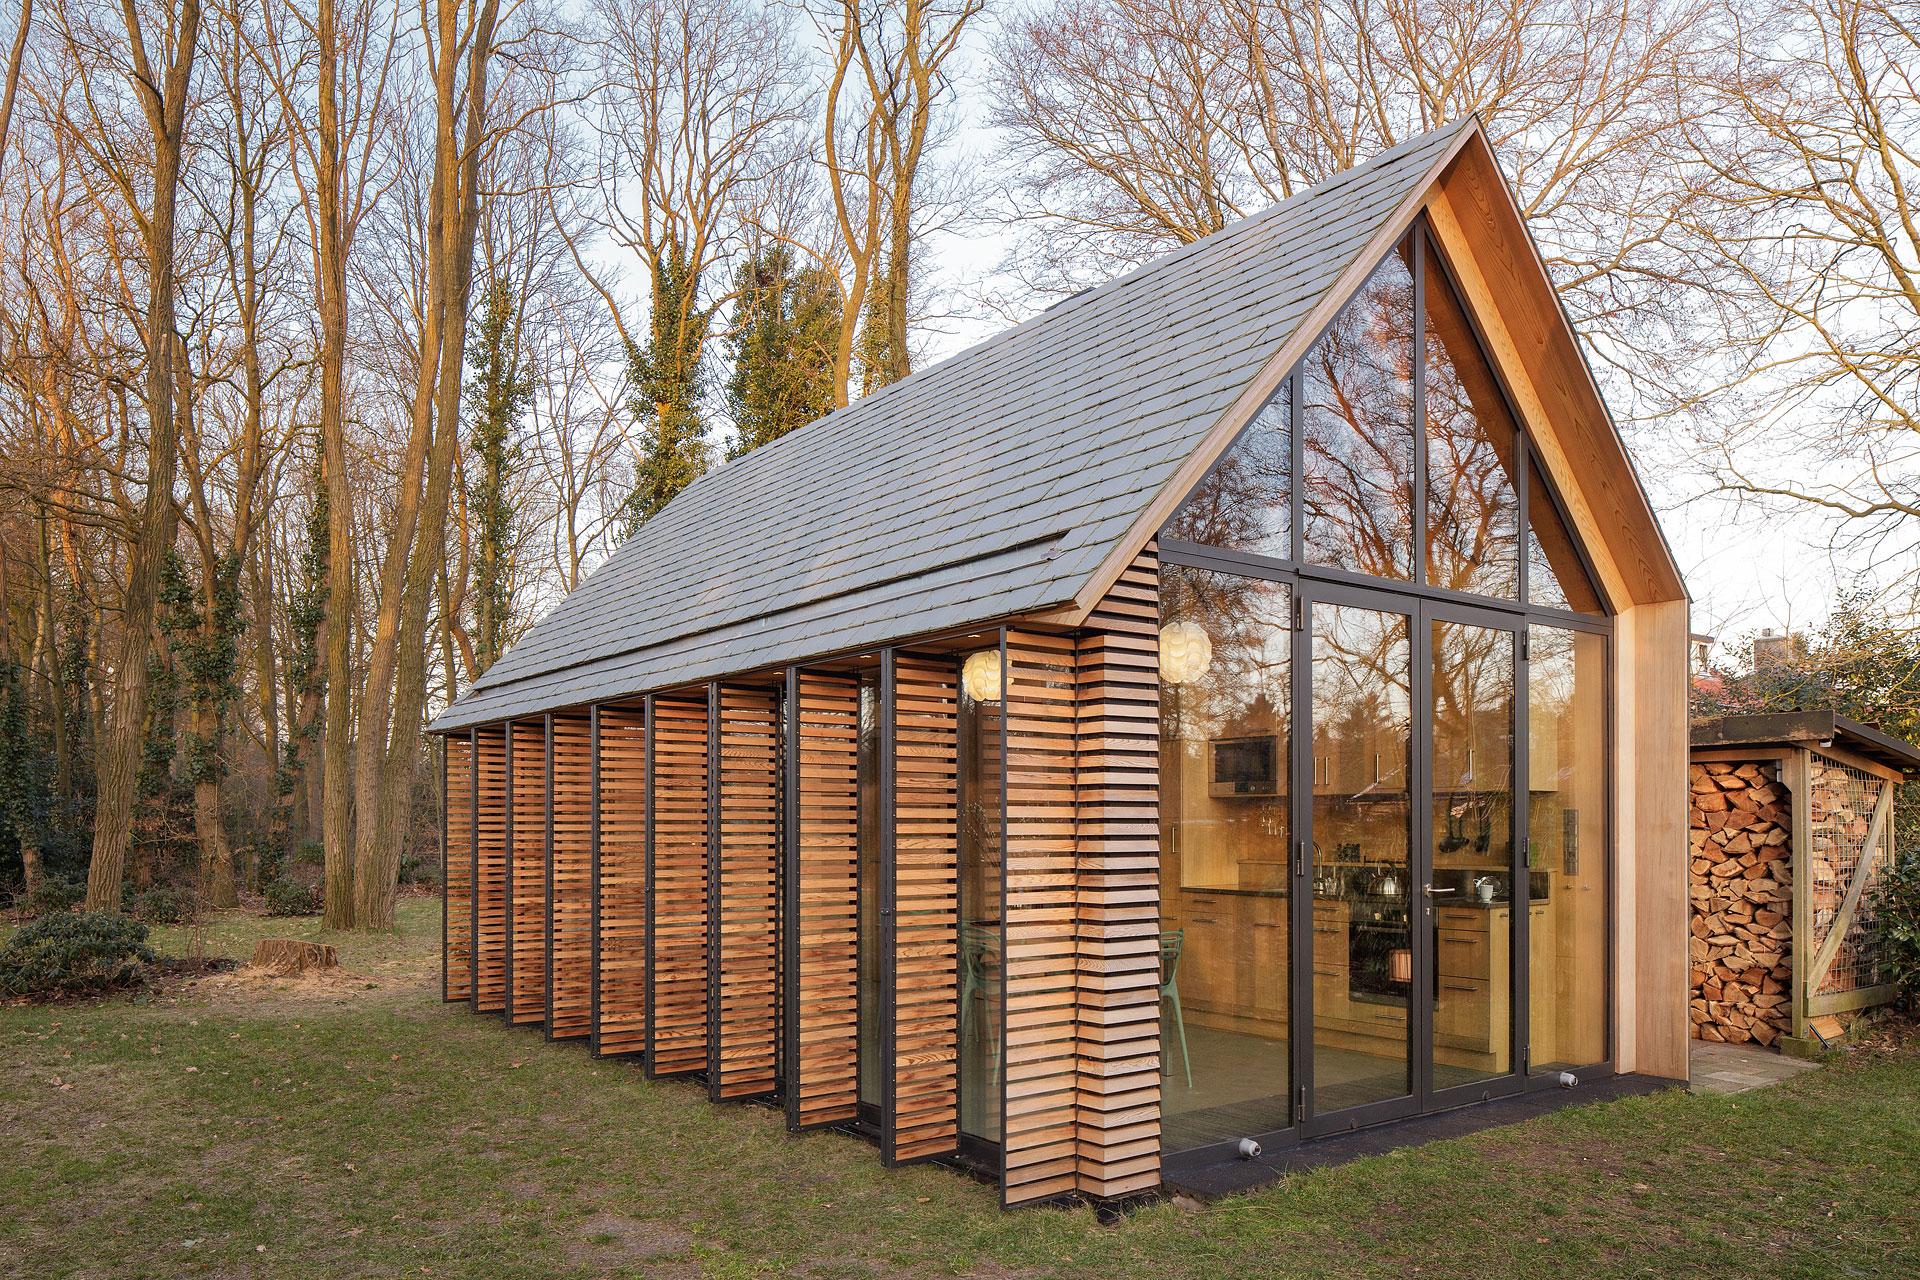 Stijn-Poelstra-Architectuurfotografie-Zecc-Tuinhuis-8